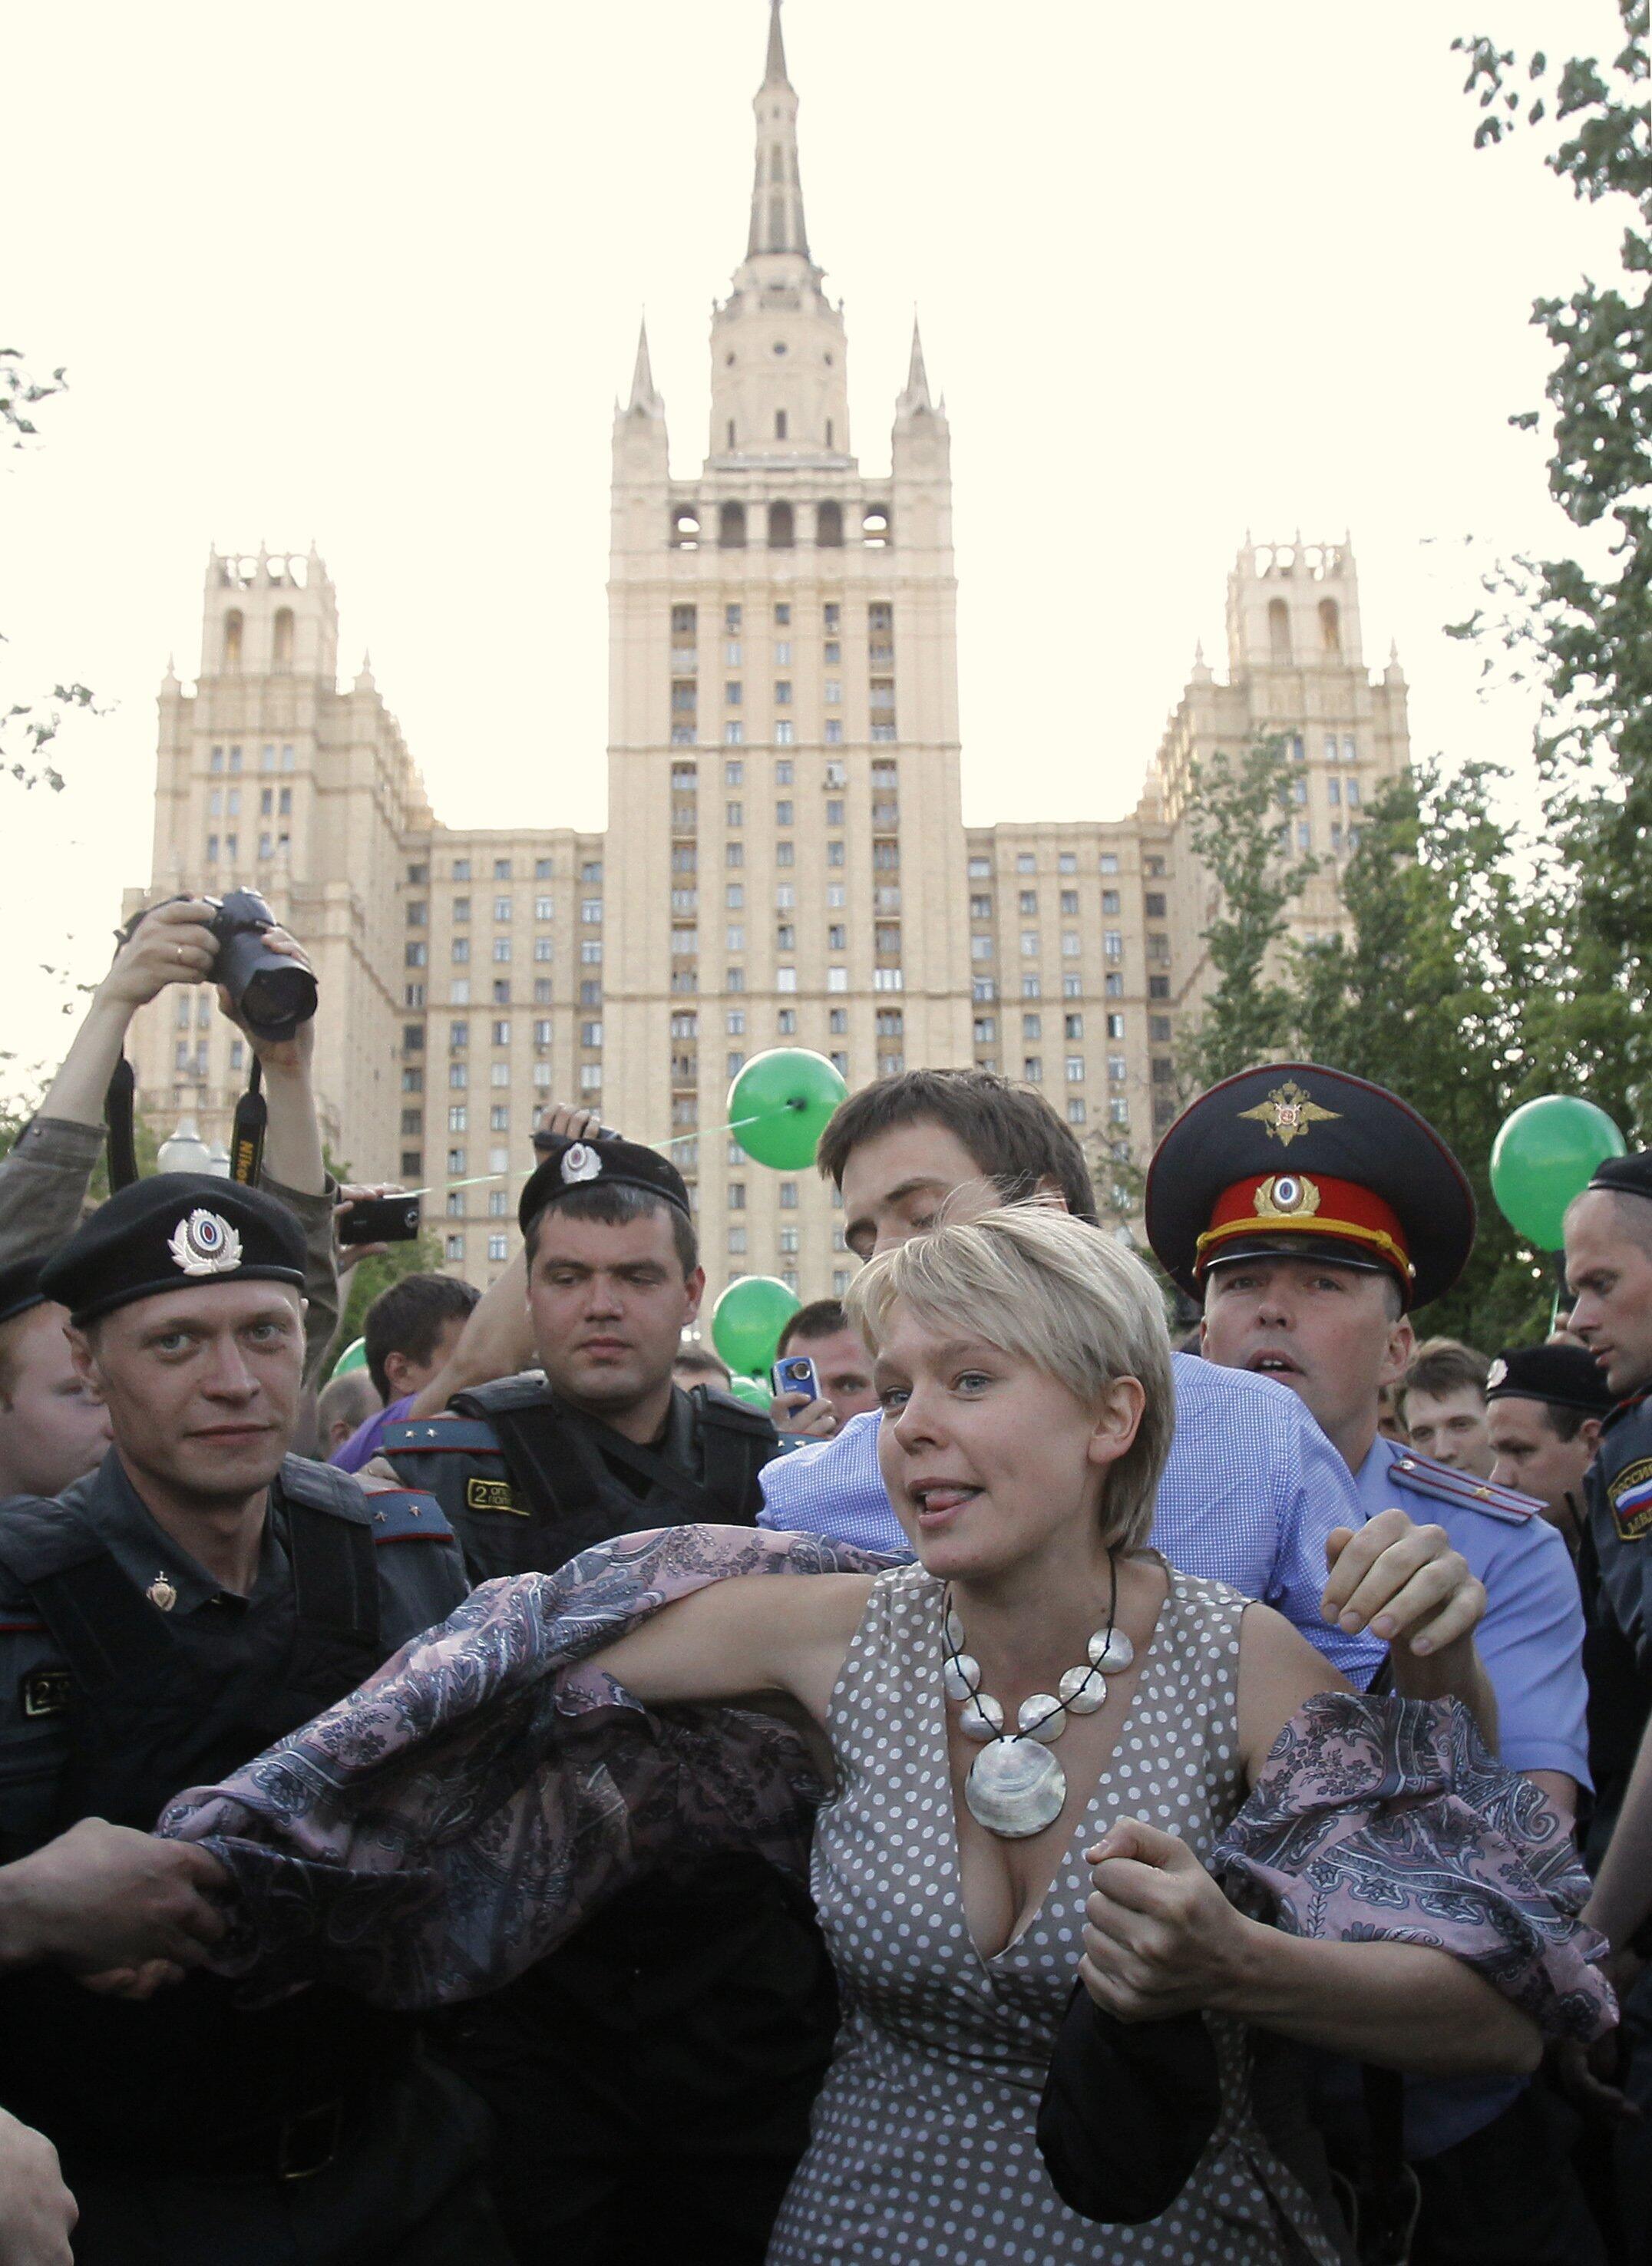 Задержание русской гражданской активистки-эколога Евгении Чириковой в Москве 17 мая 2012 г.